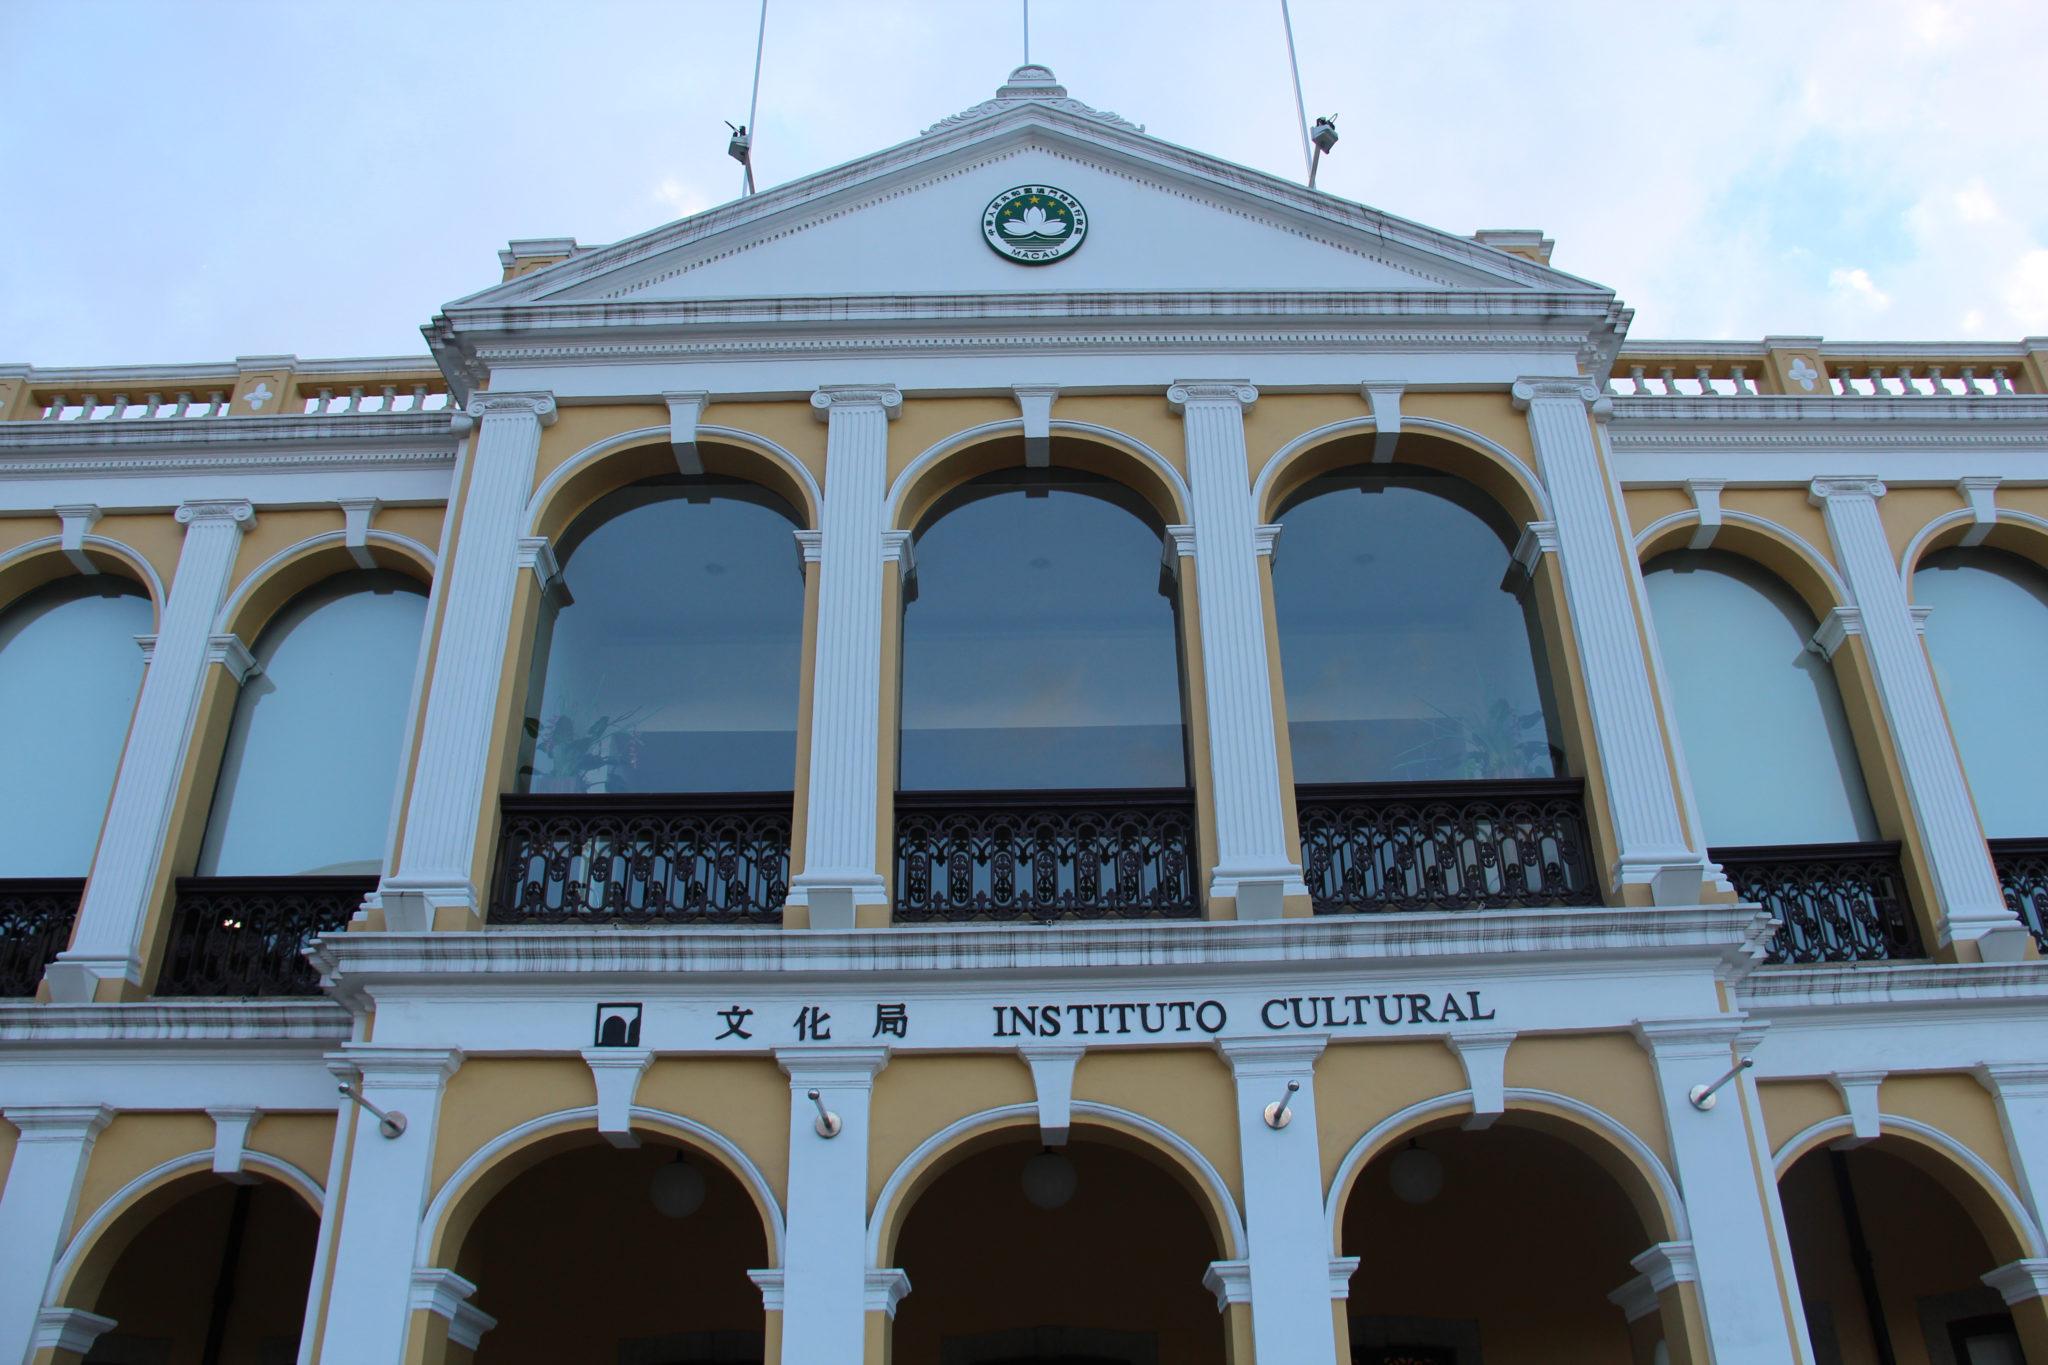 Património | IC propõe classificação de 12 bens imóveis